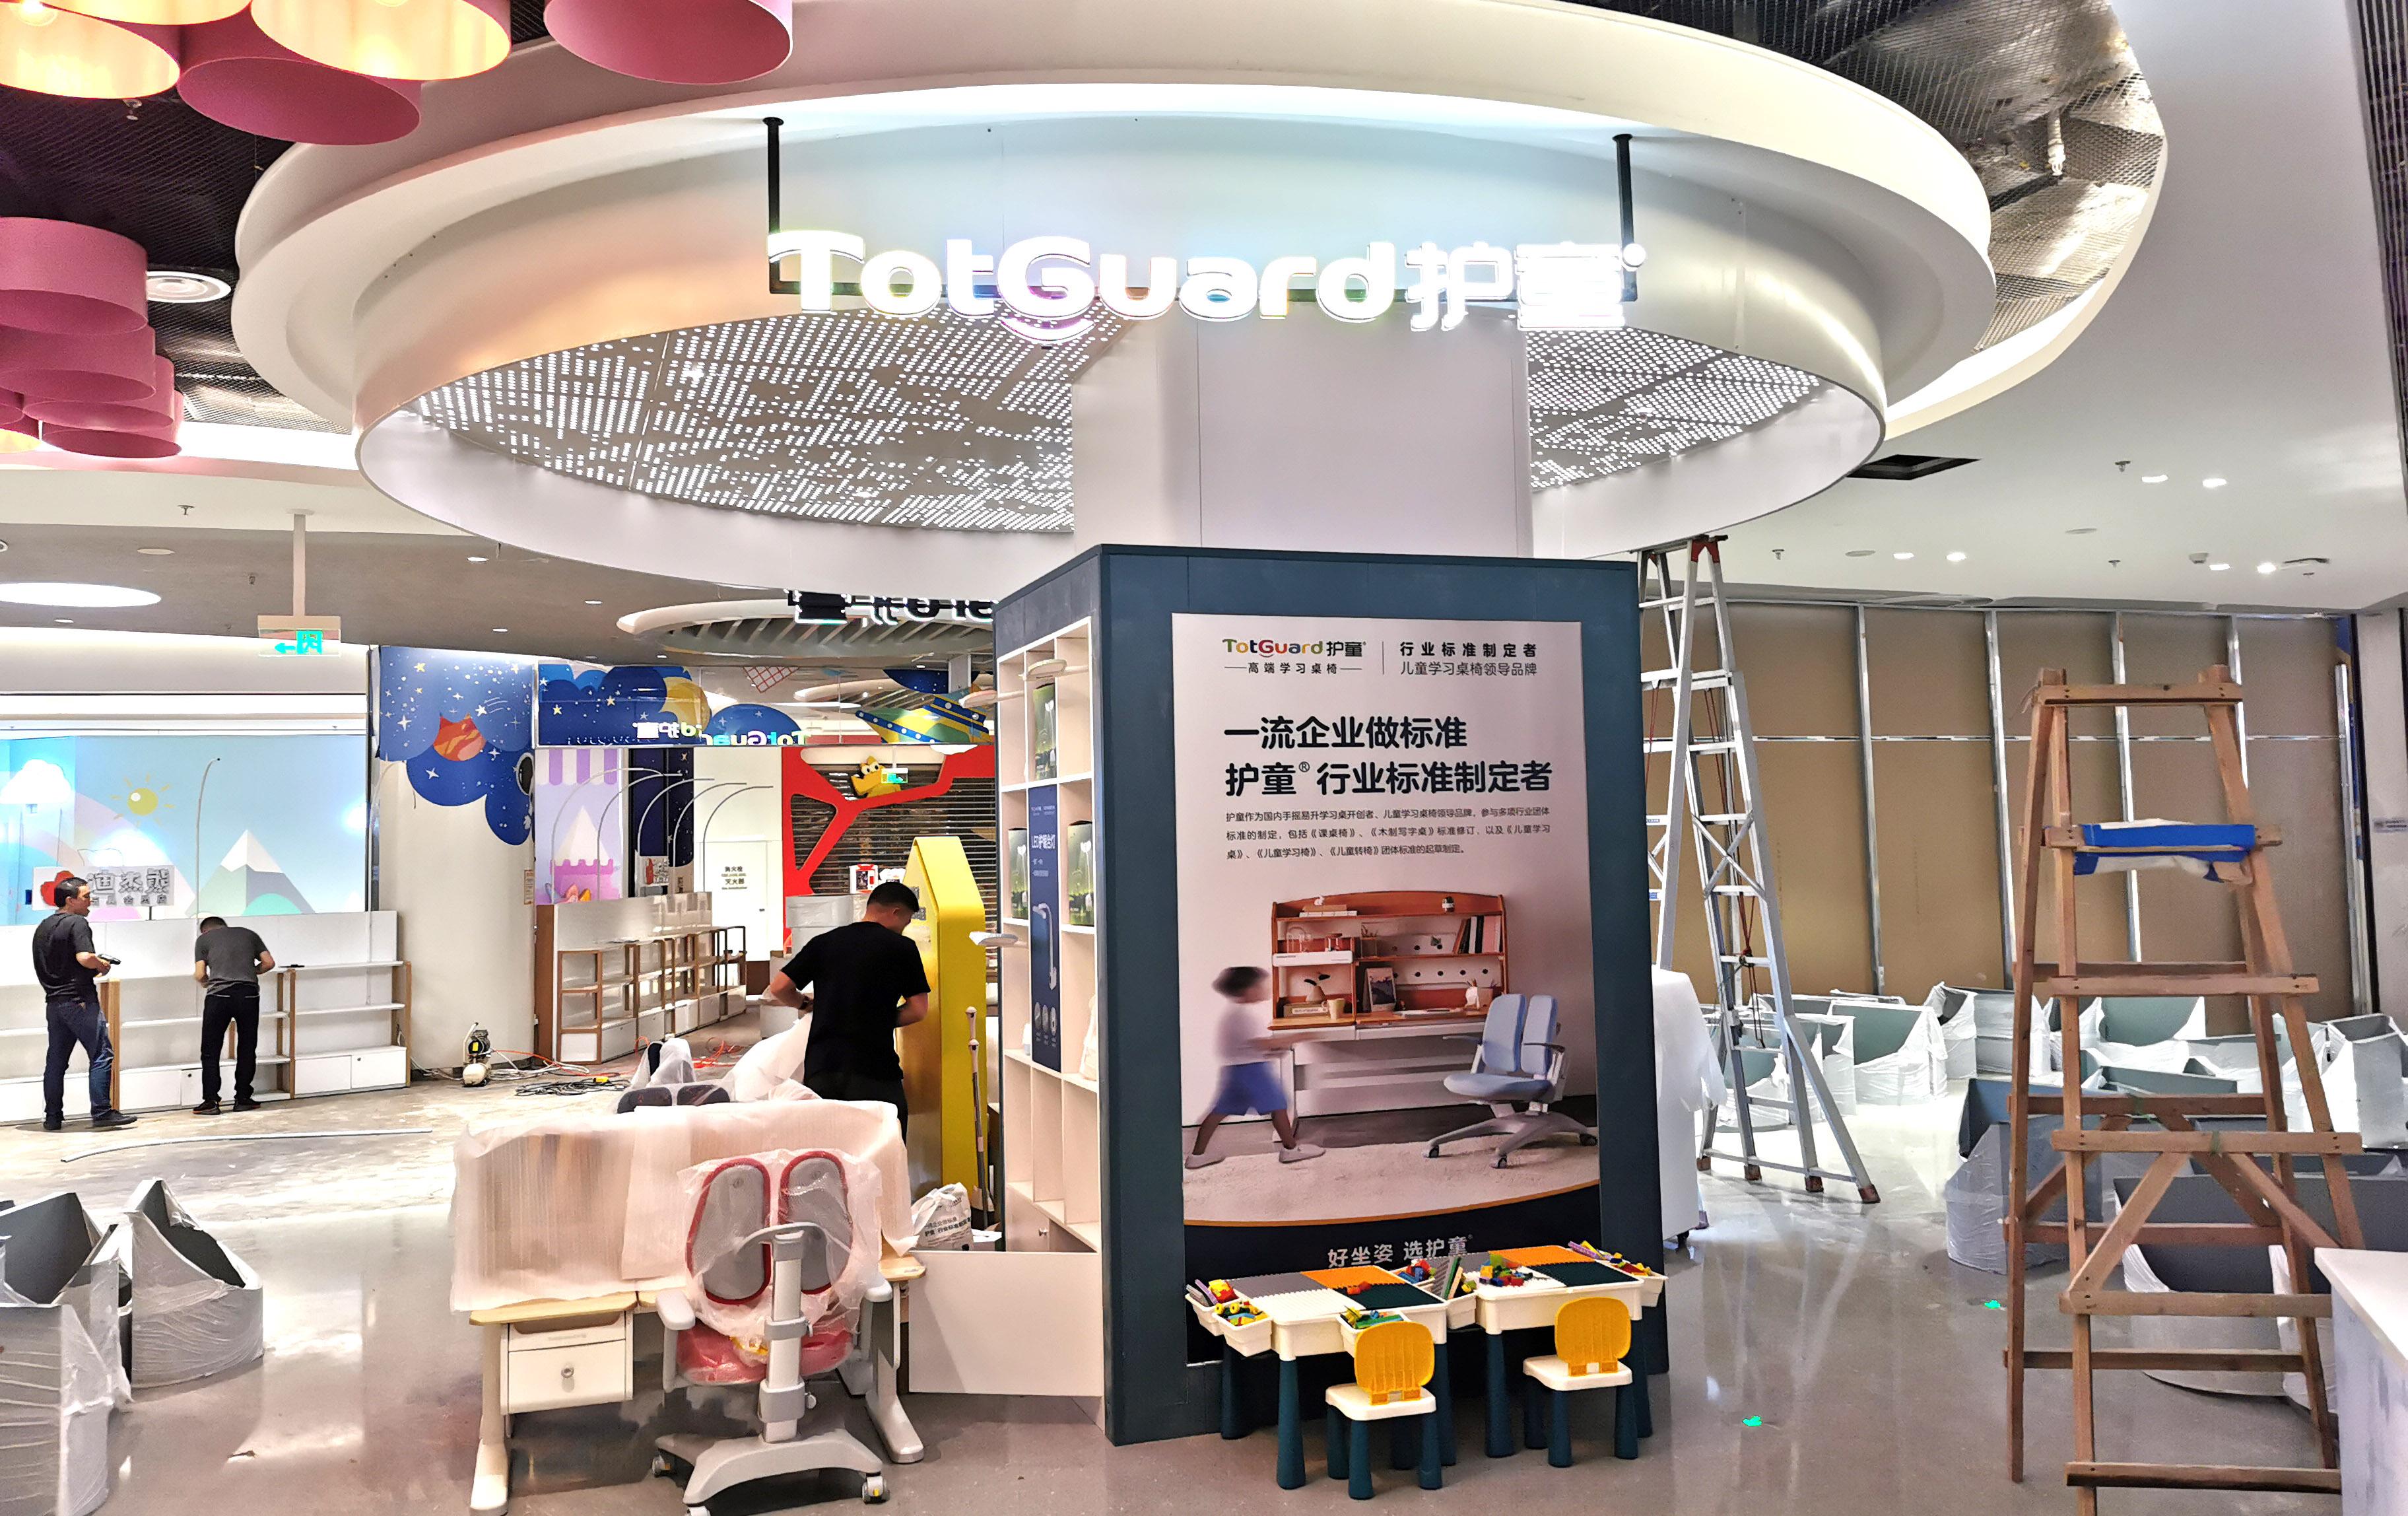 热烈祝贺护童第2212家杭州下沙印象城护童专柜盛大开业!